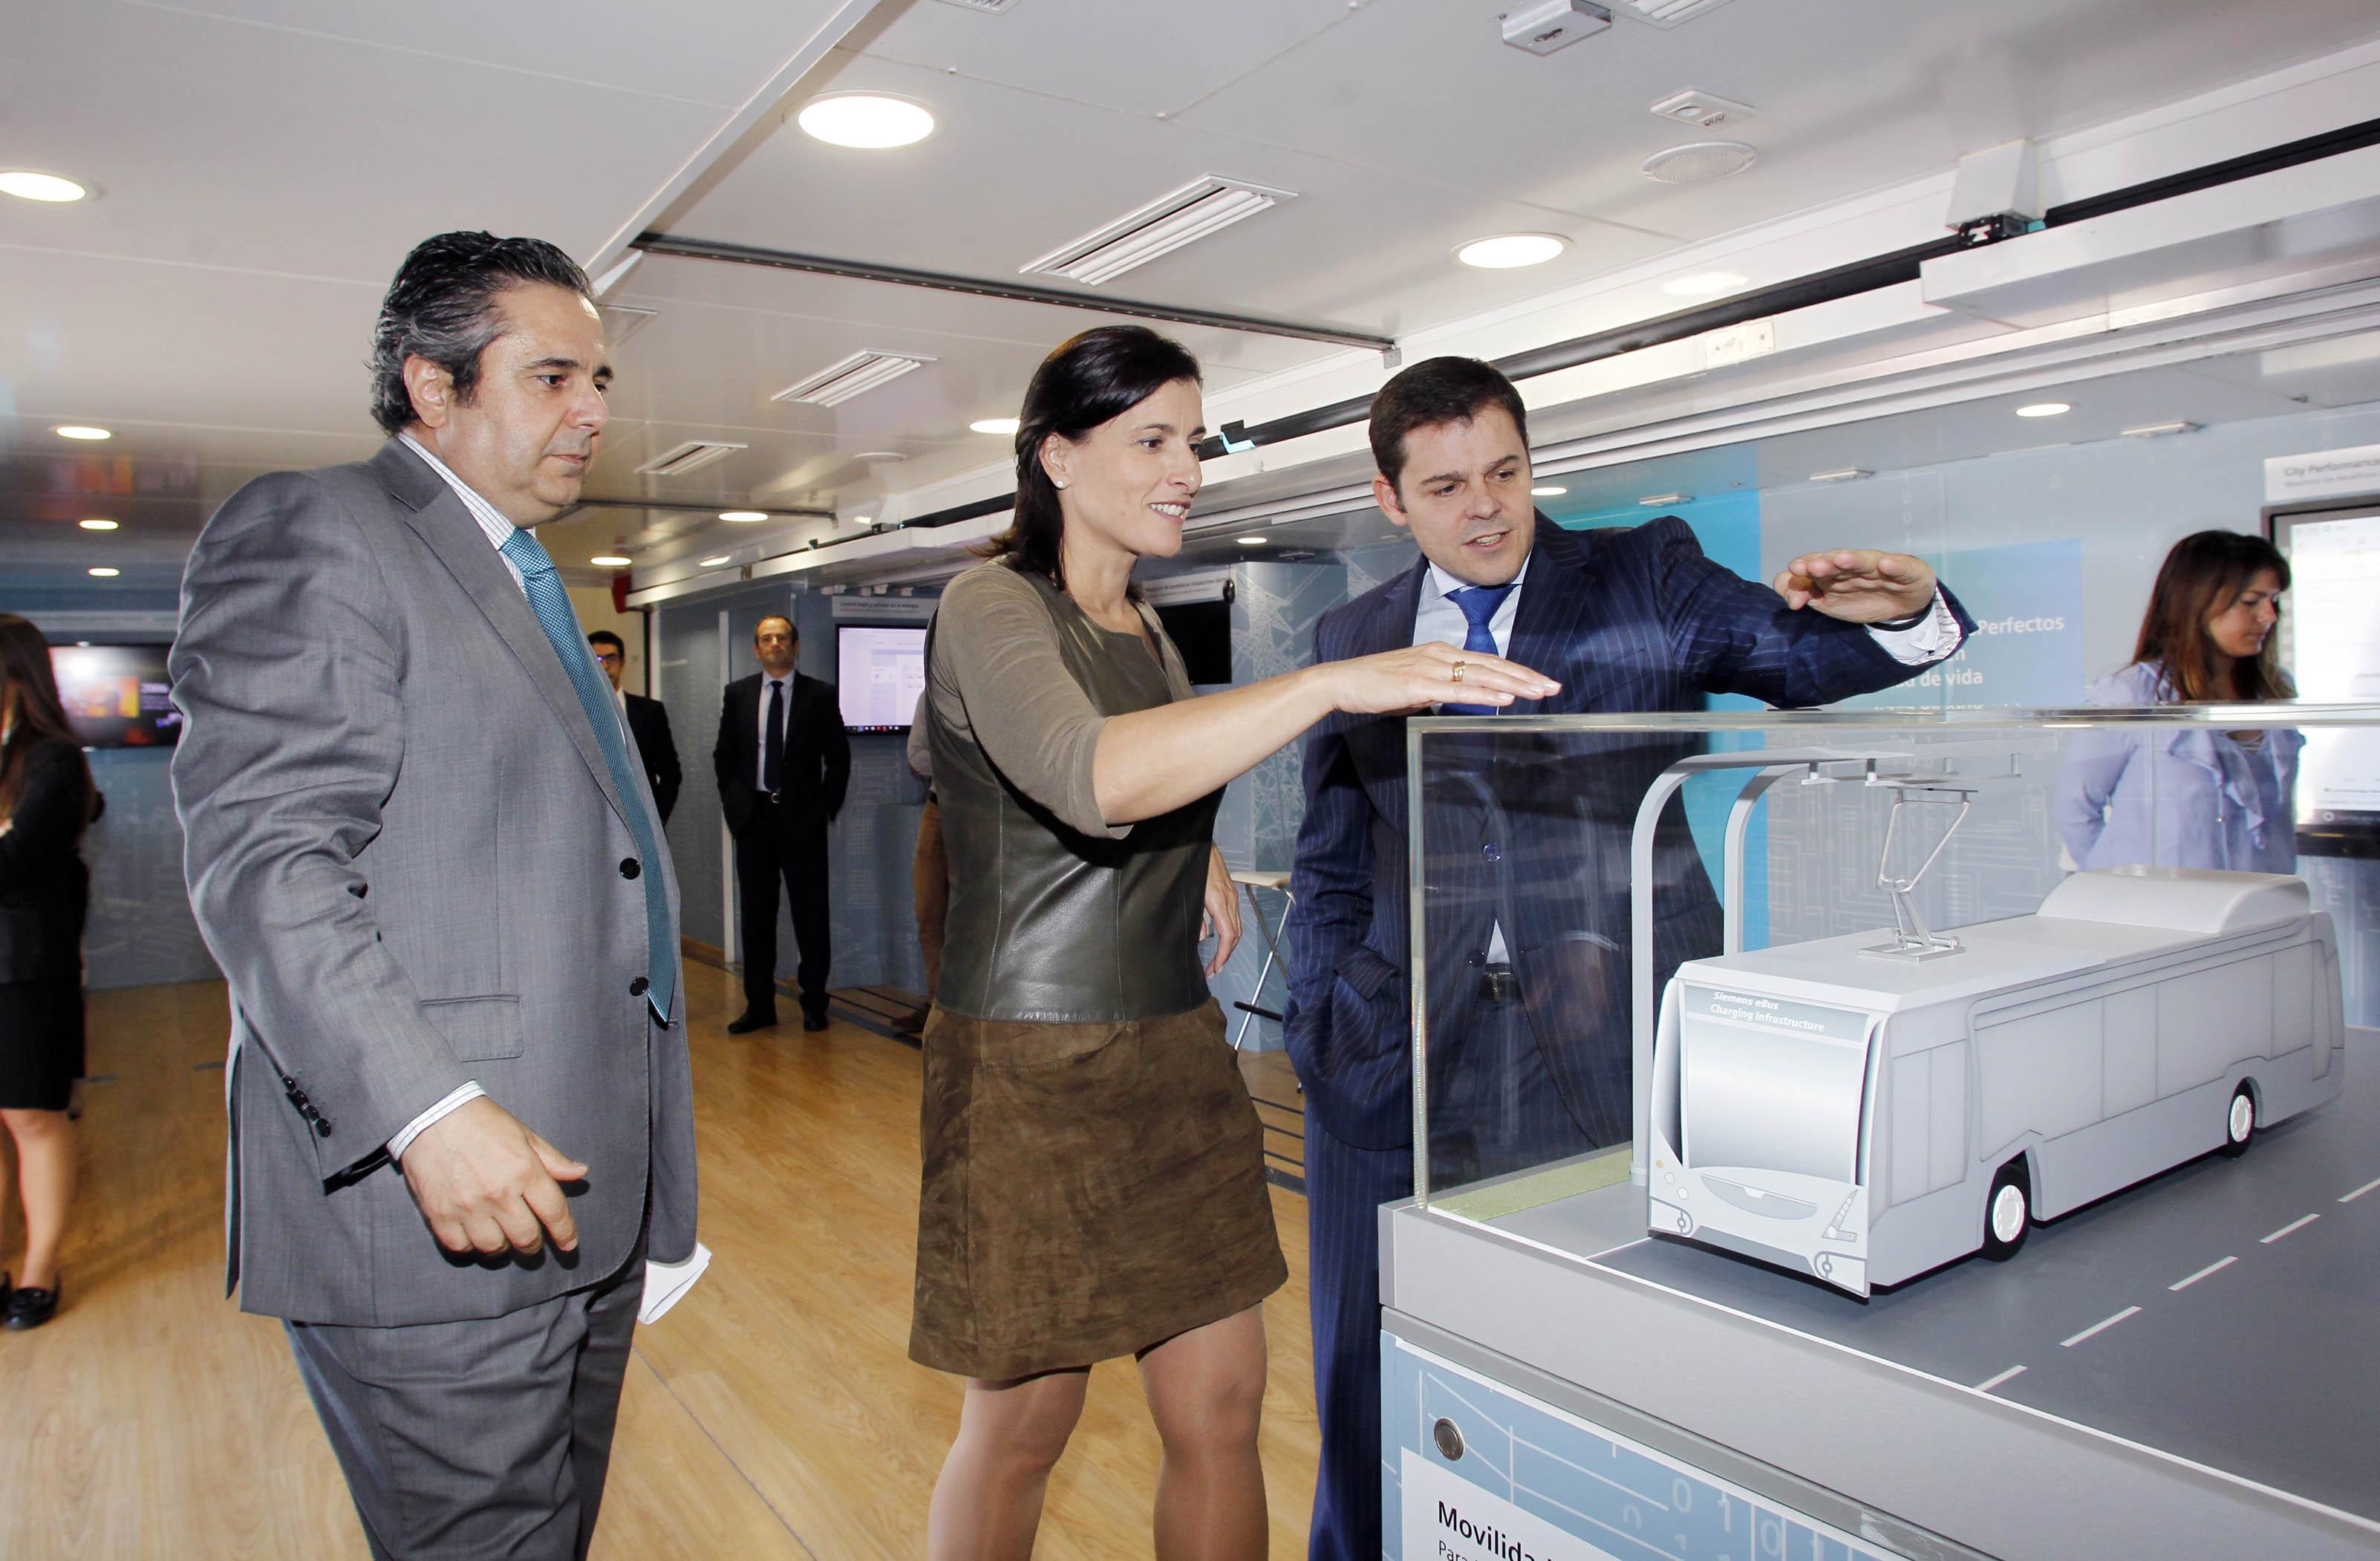 La muestra itinerante 39 smart city hub 39 de siemens llega for Oficina pelayo valladolid